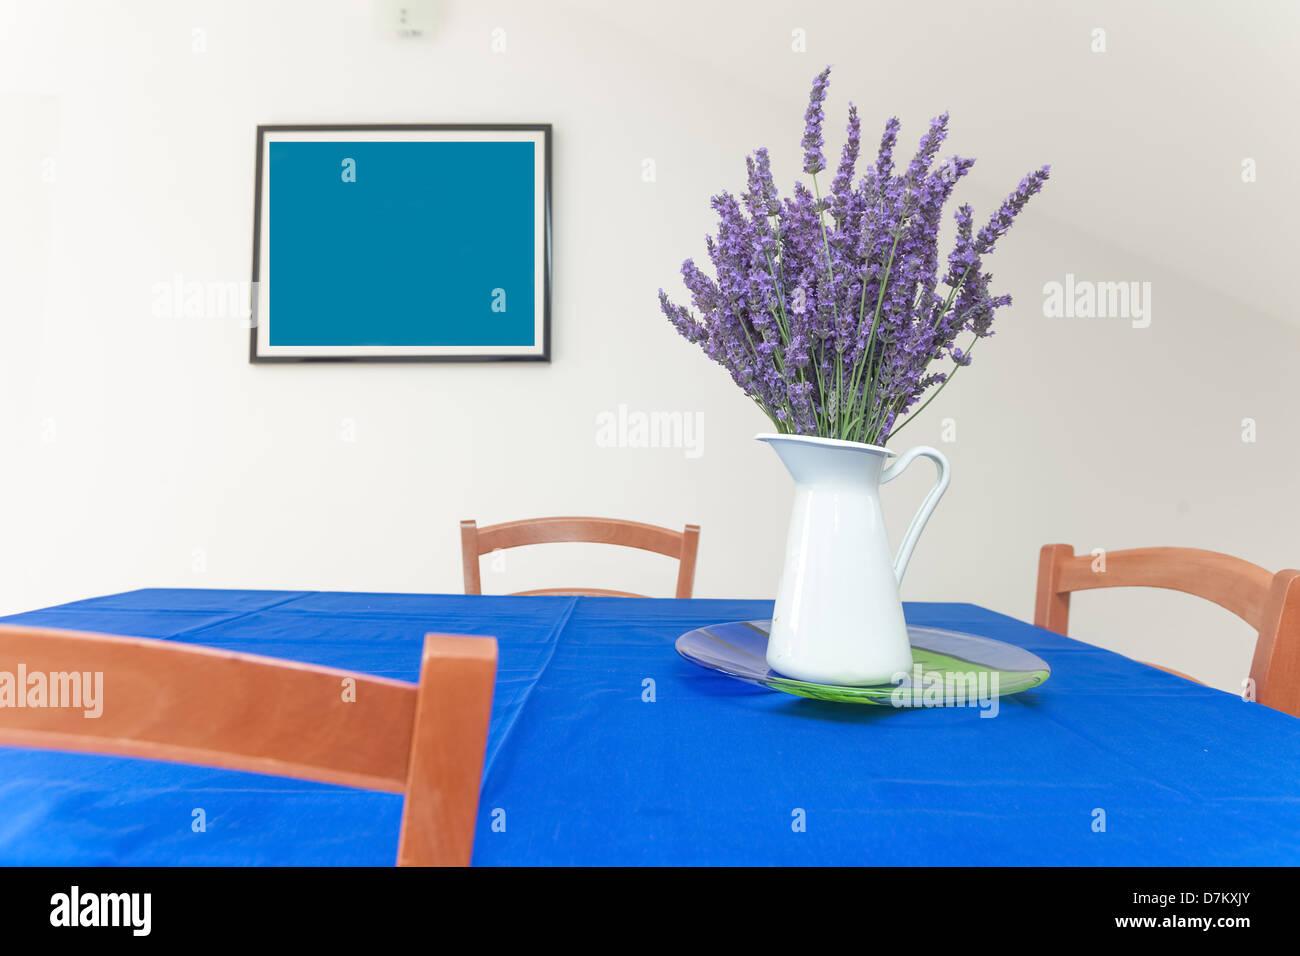 Eine Vase Mit Lavendel Auf Tisch Mit Malerei Im Hintergrund Stockbild